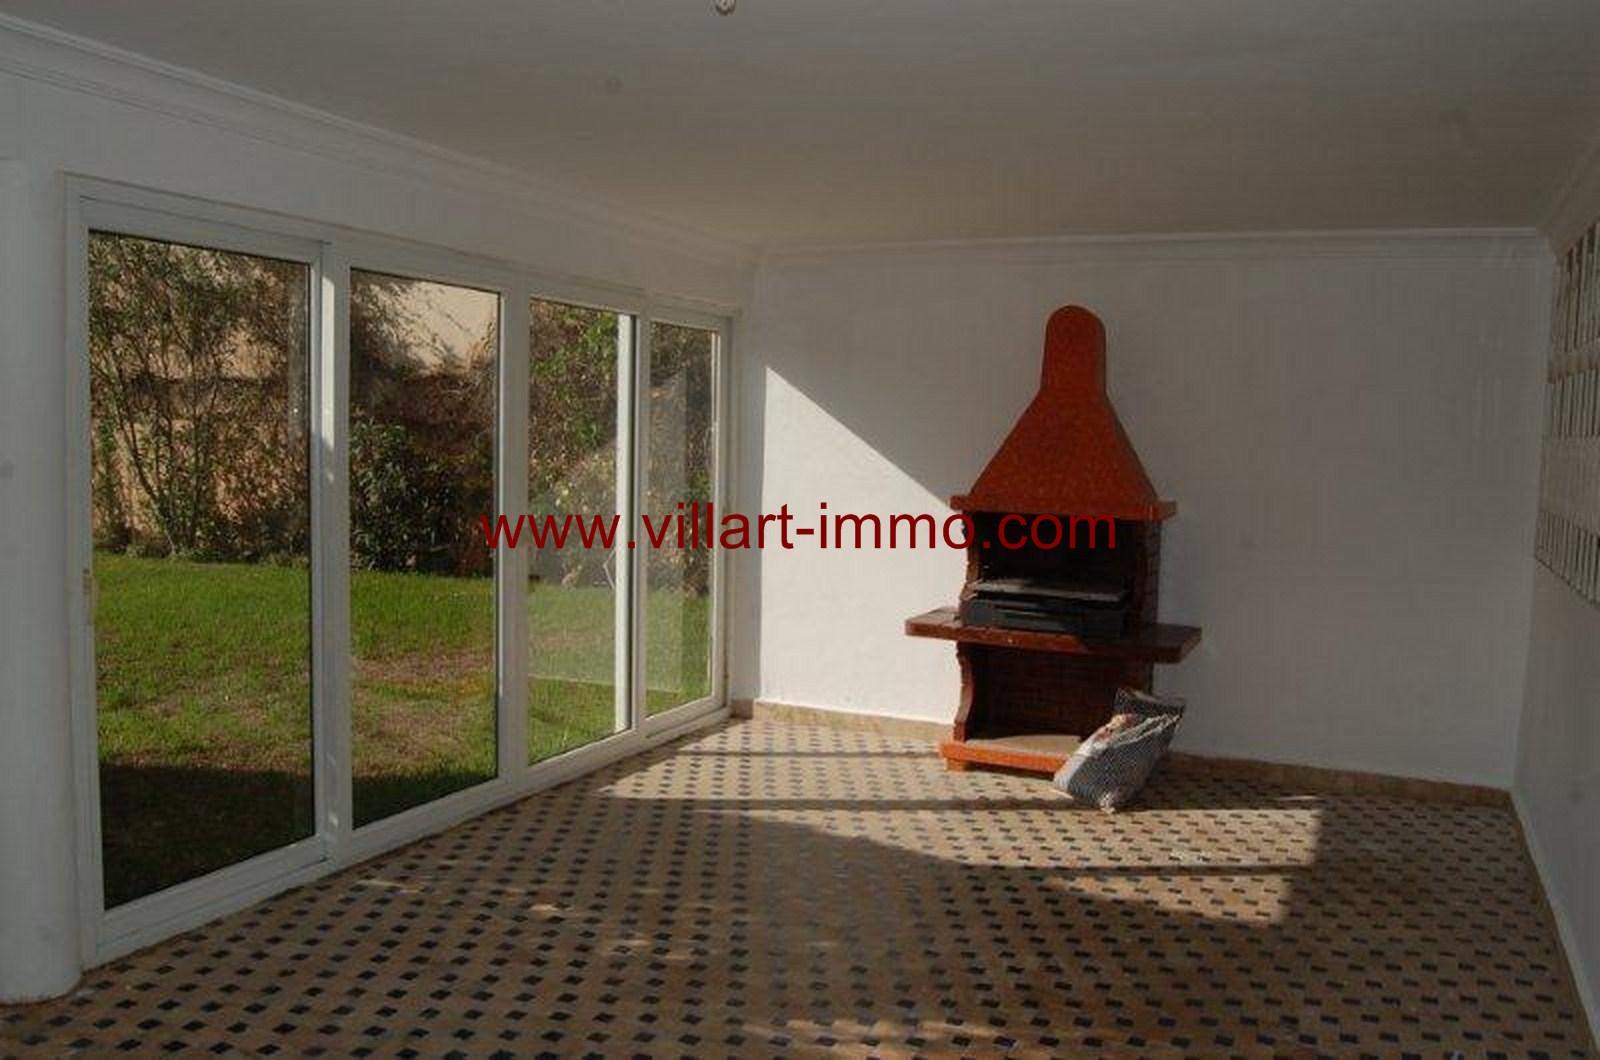 8-vente-villa-tanger-boubana-salon-2-vv363-villart-immo